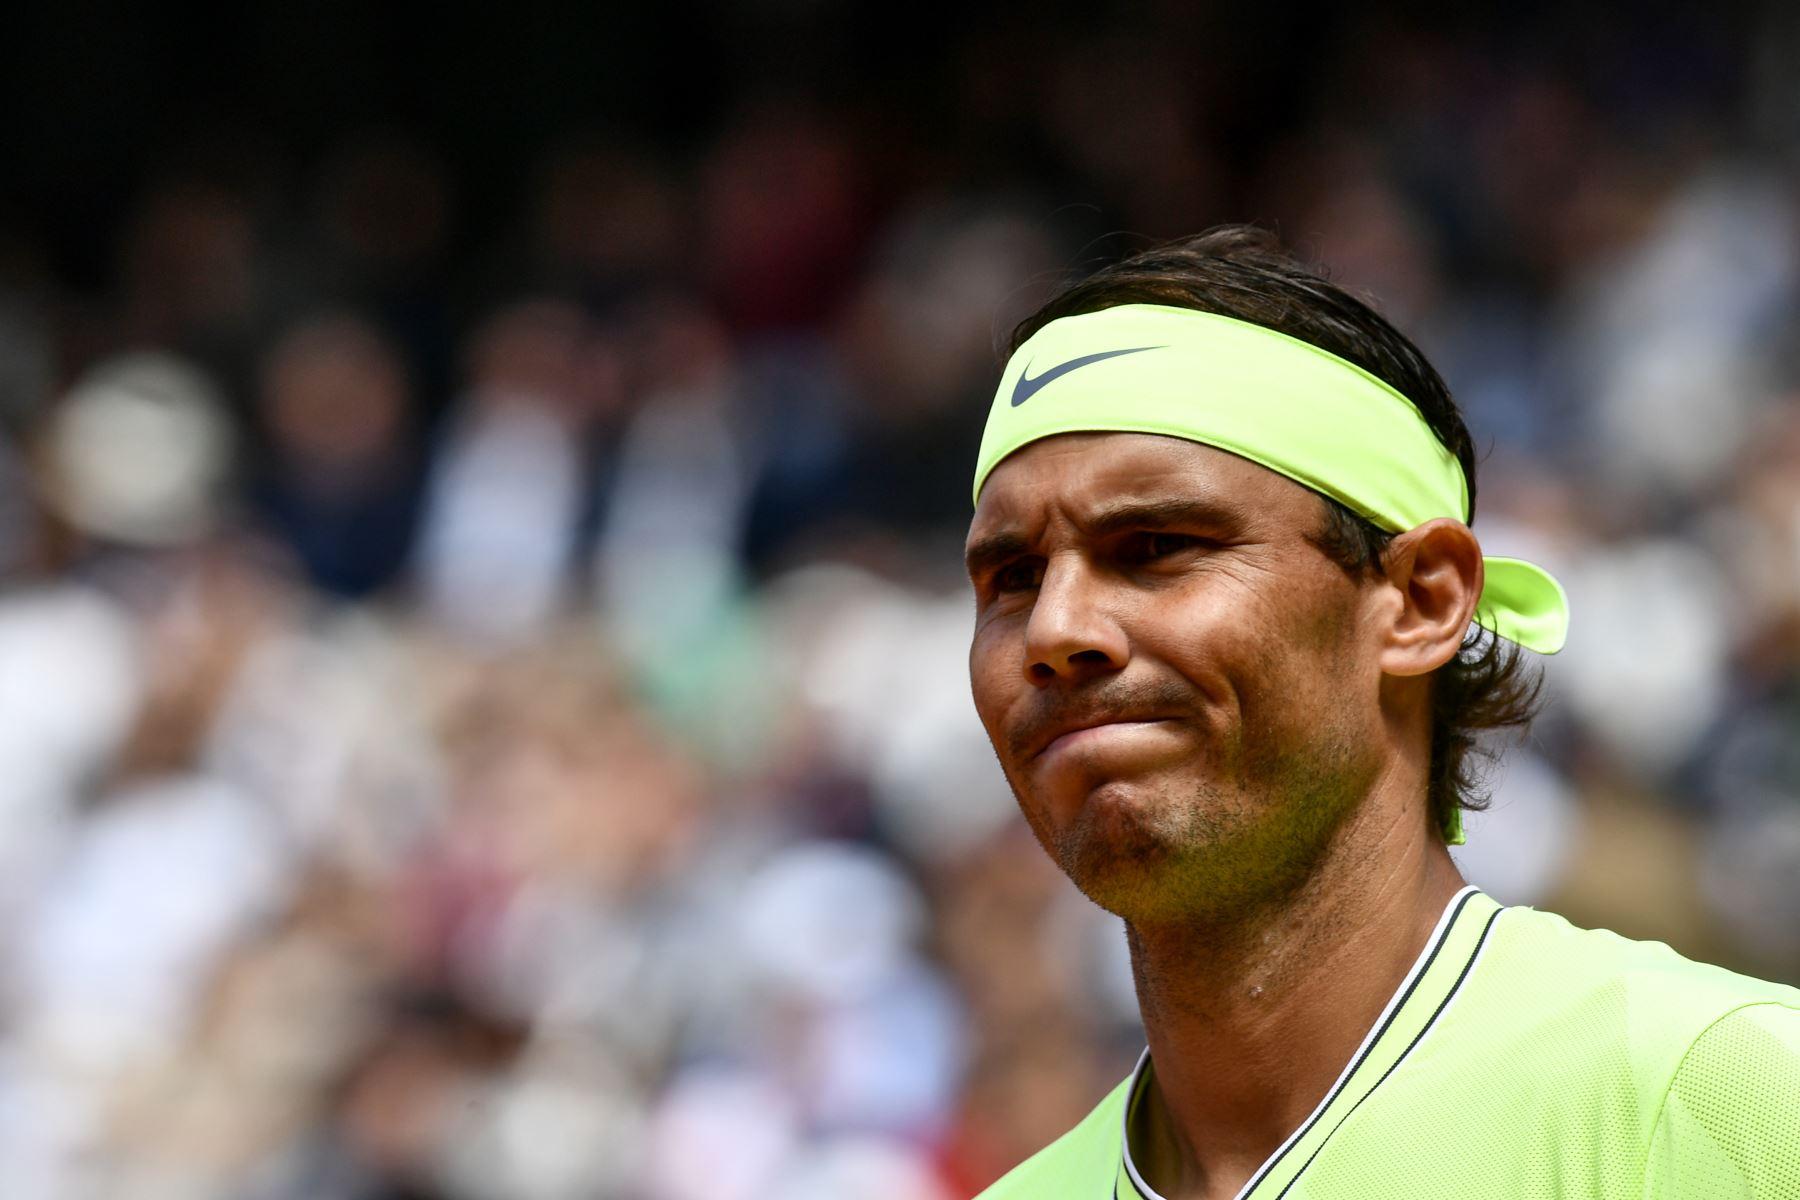 El español Rafael Nadal reacciona cuando ingresa a la cancha de tenis antes del partido final de individuales masculino contra el dominic Thiem de Austria del torneo de tenis Roland Garros 2019. Foto:AFP